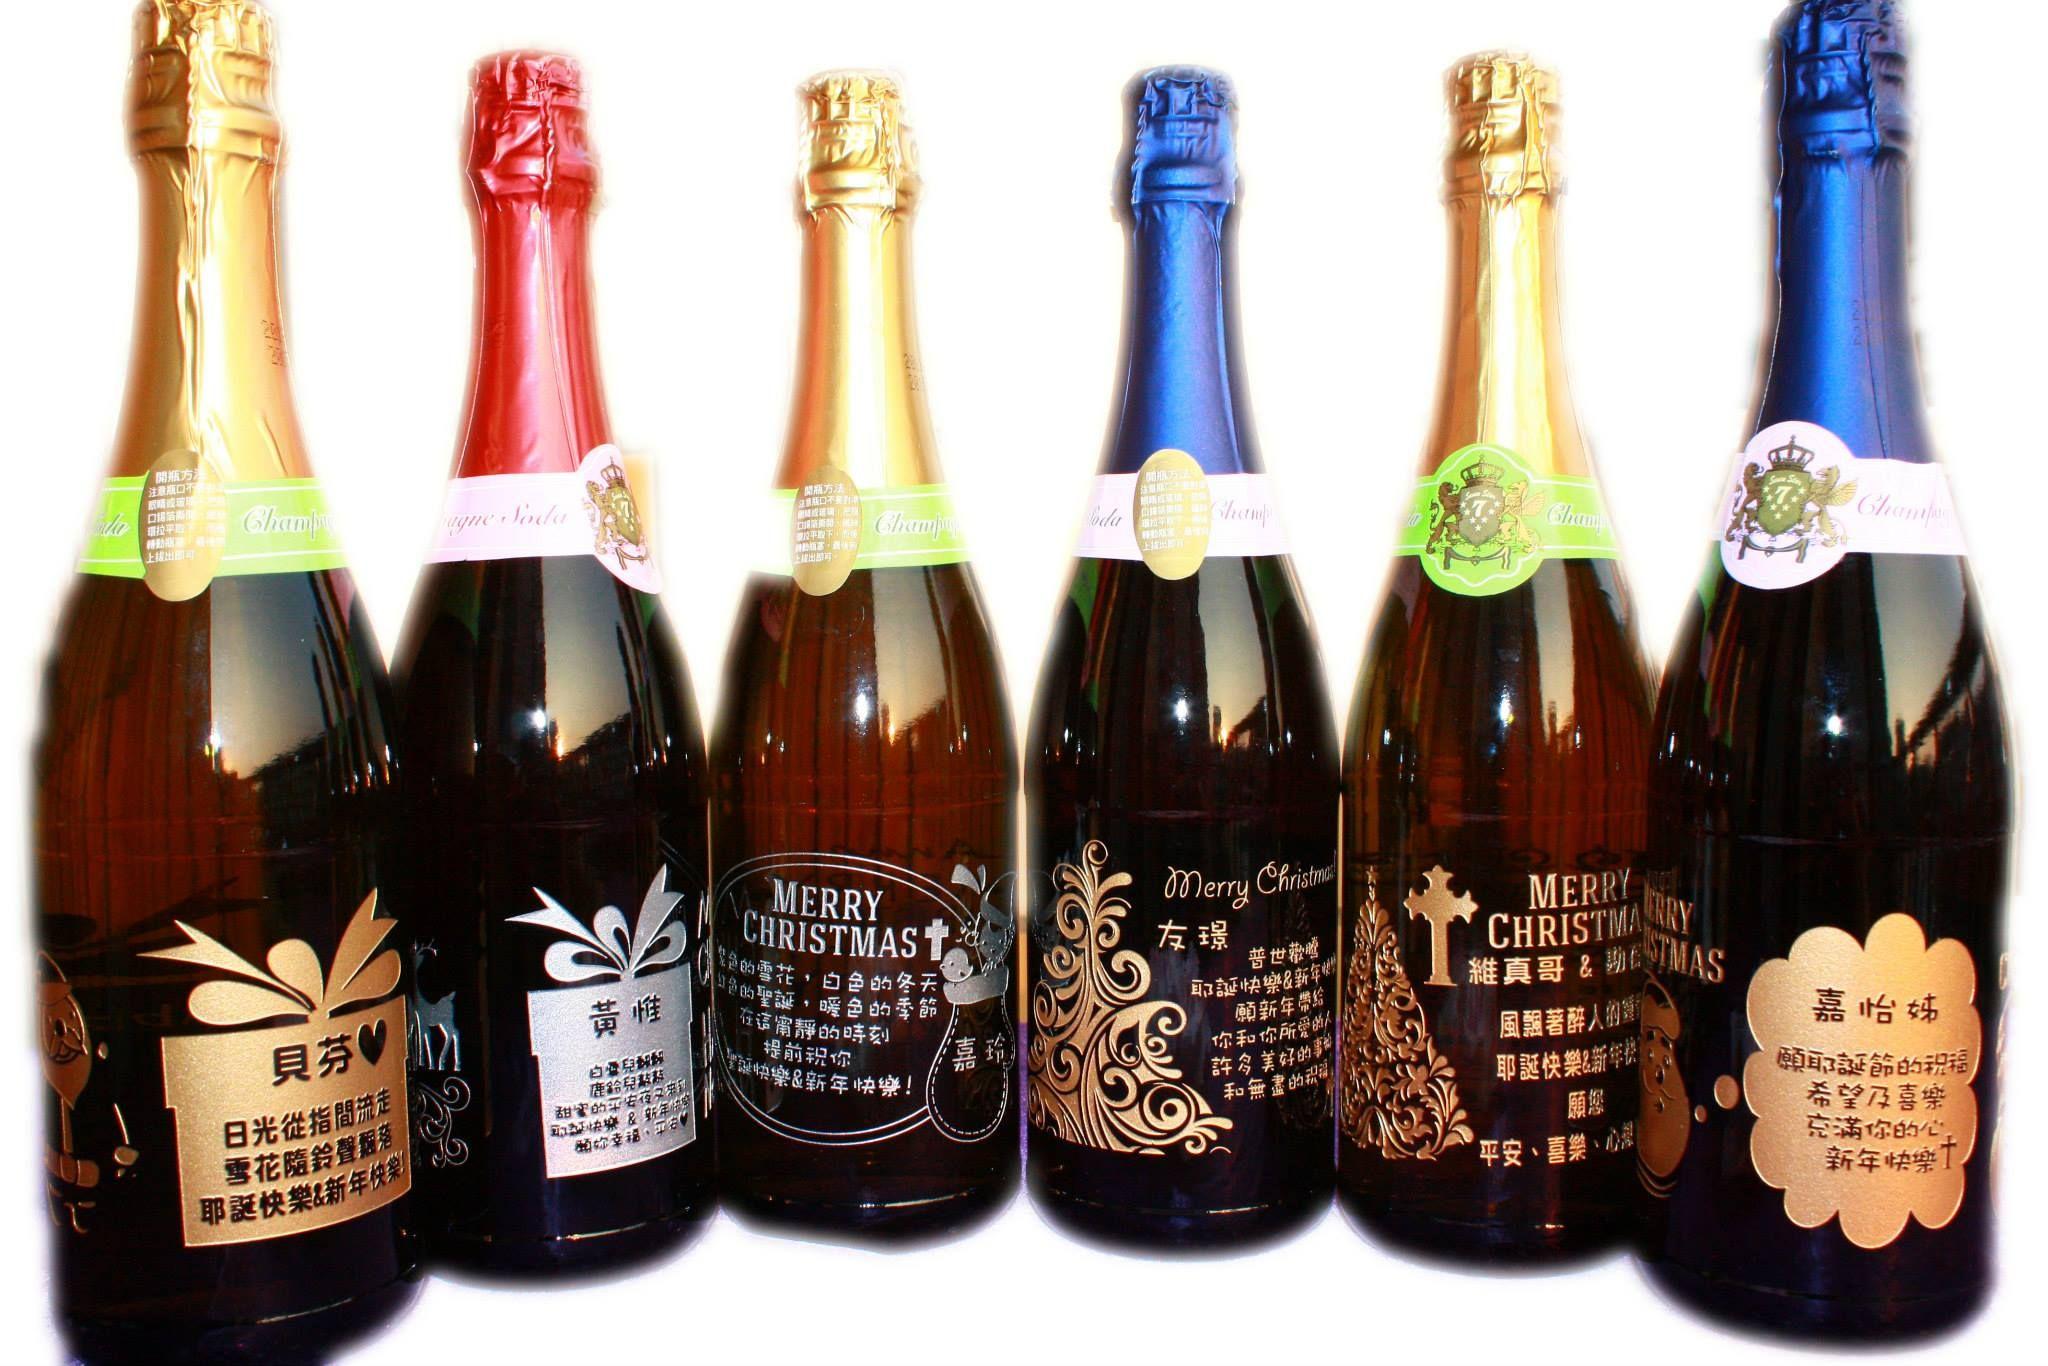 聖誕節珍藏香檳雙瓶免運區